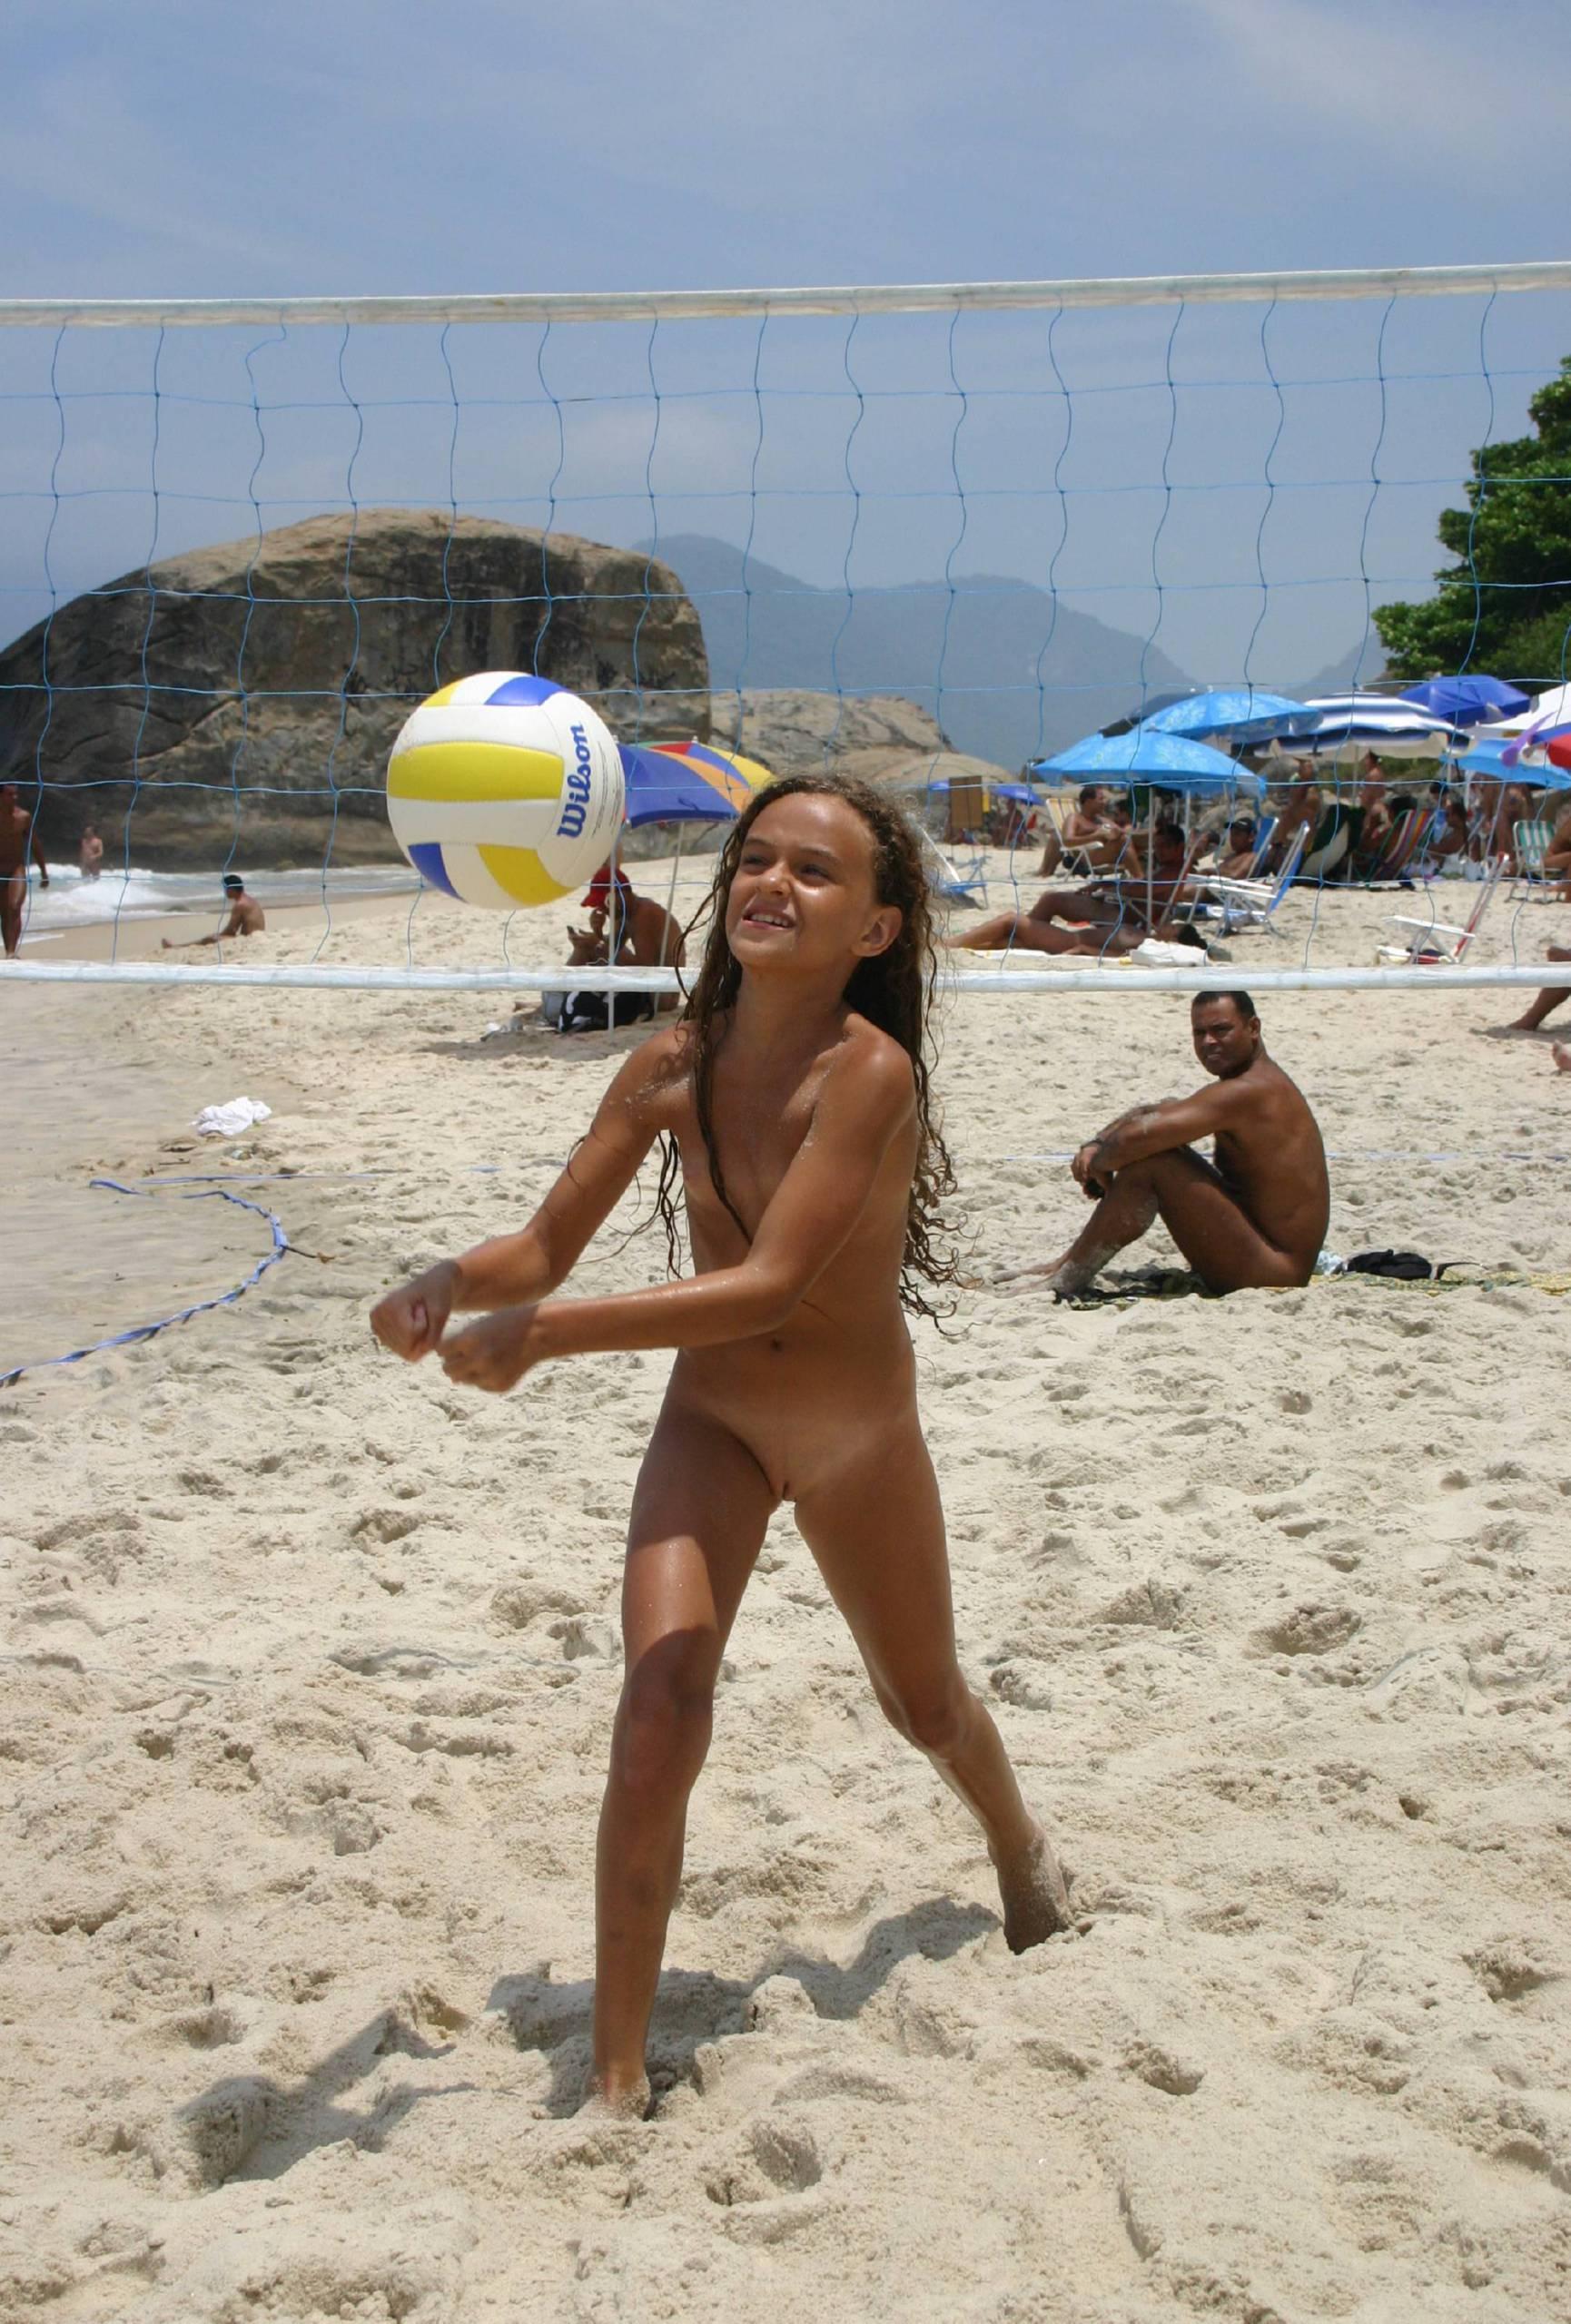 Nudist Pics Brazilian Nudist Sport Girls - 2